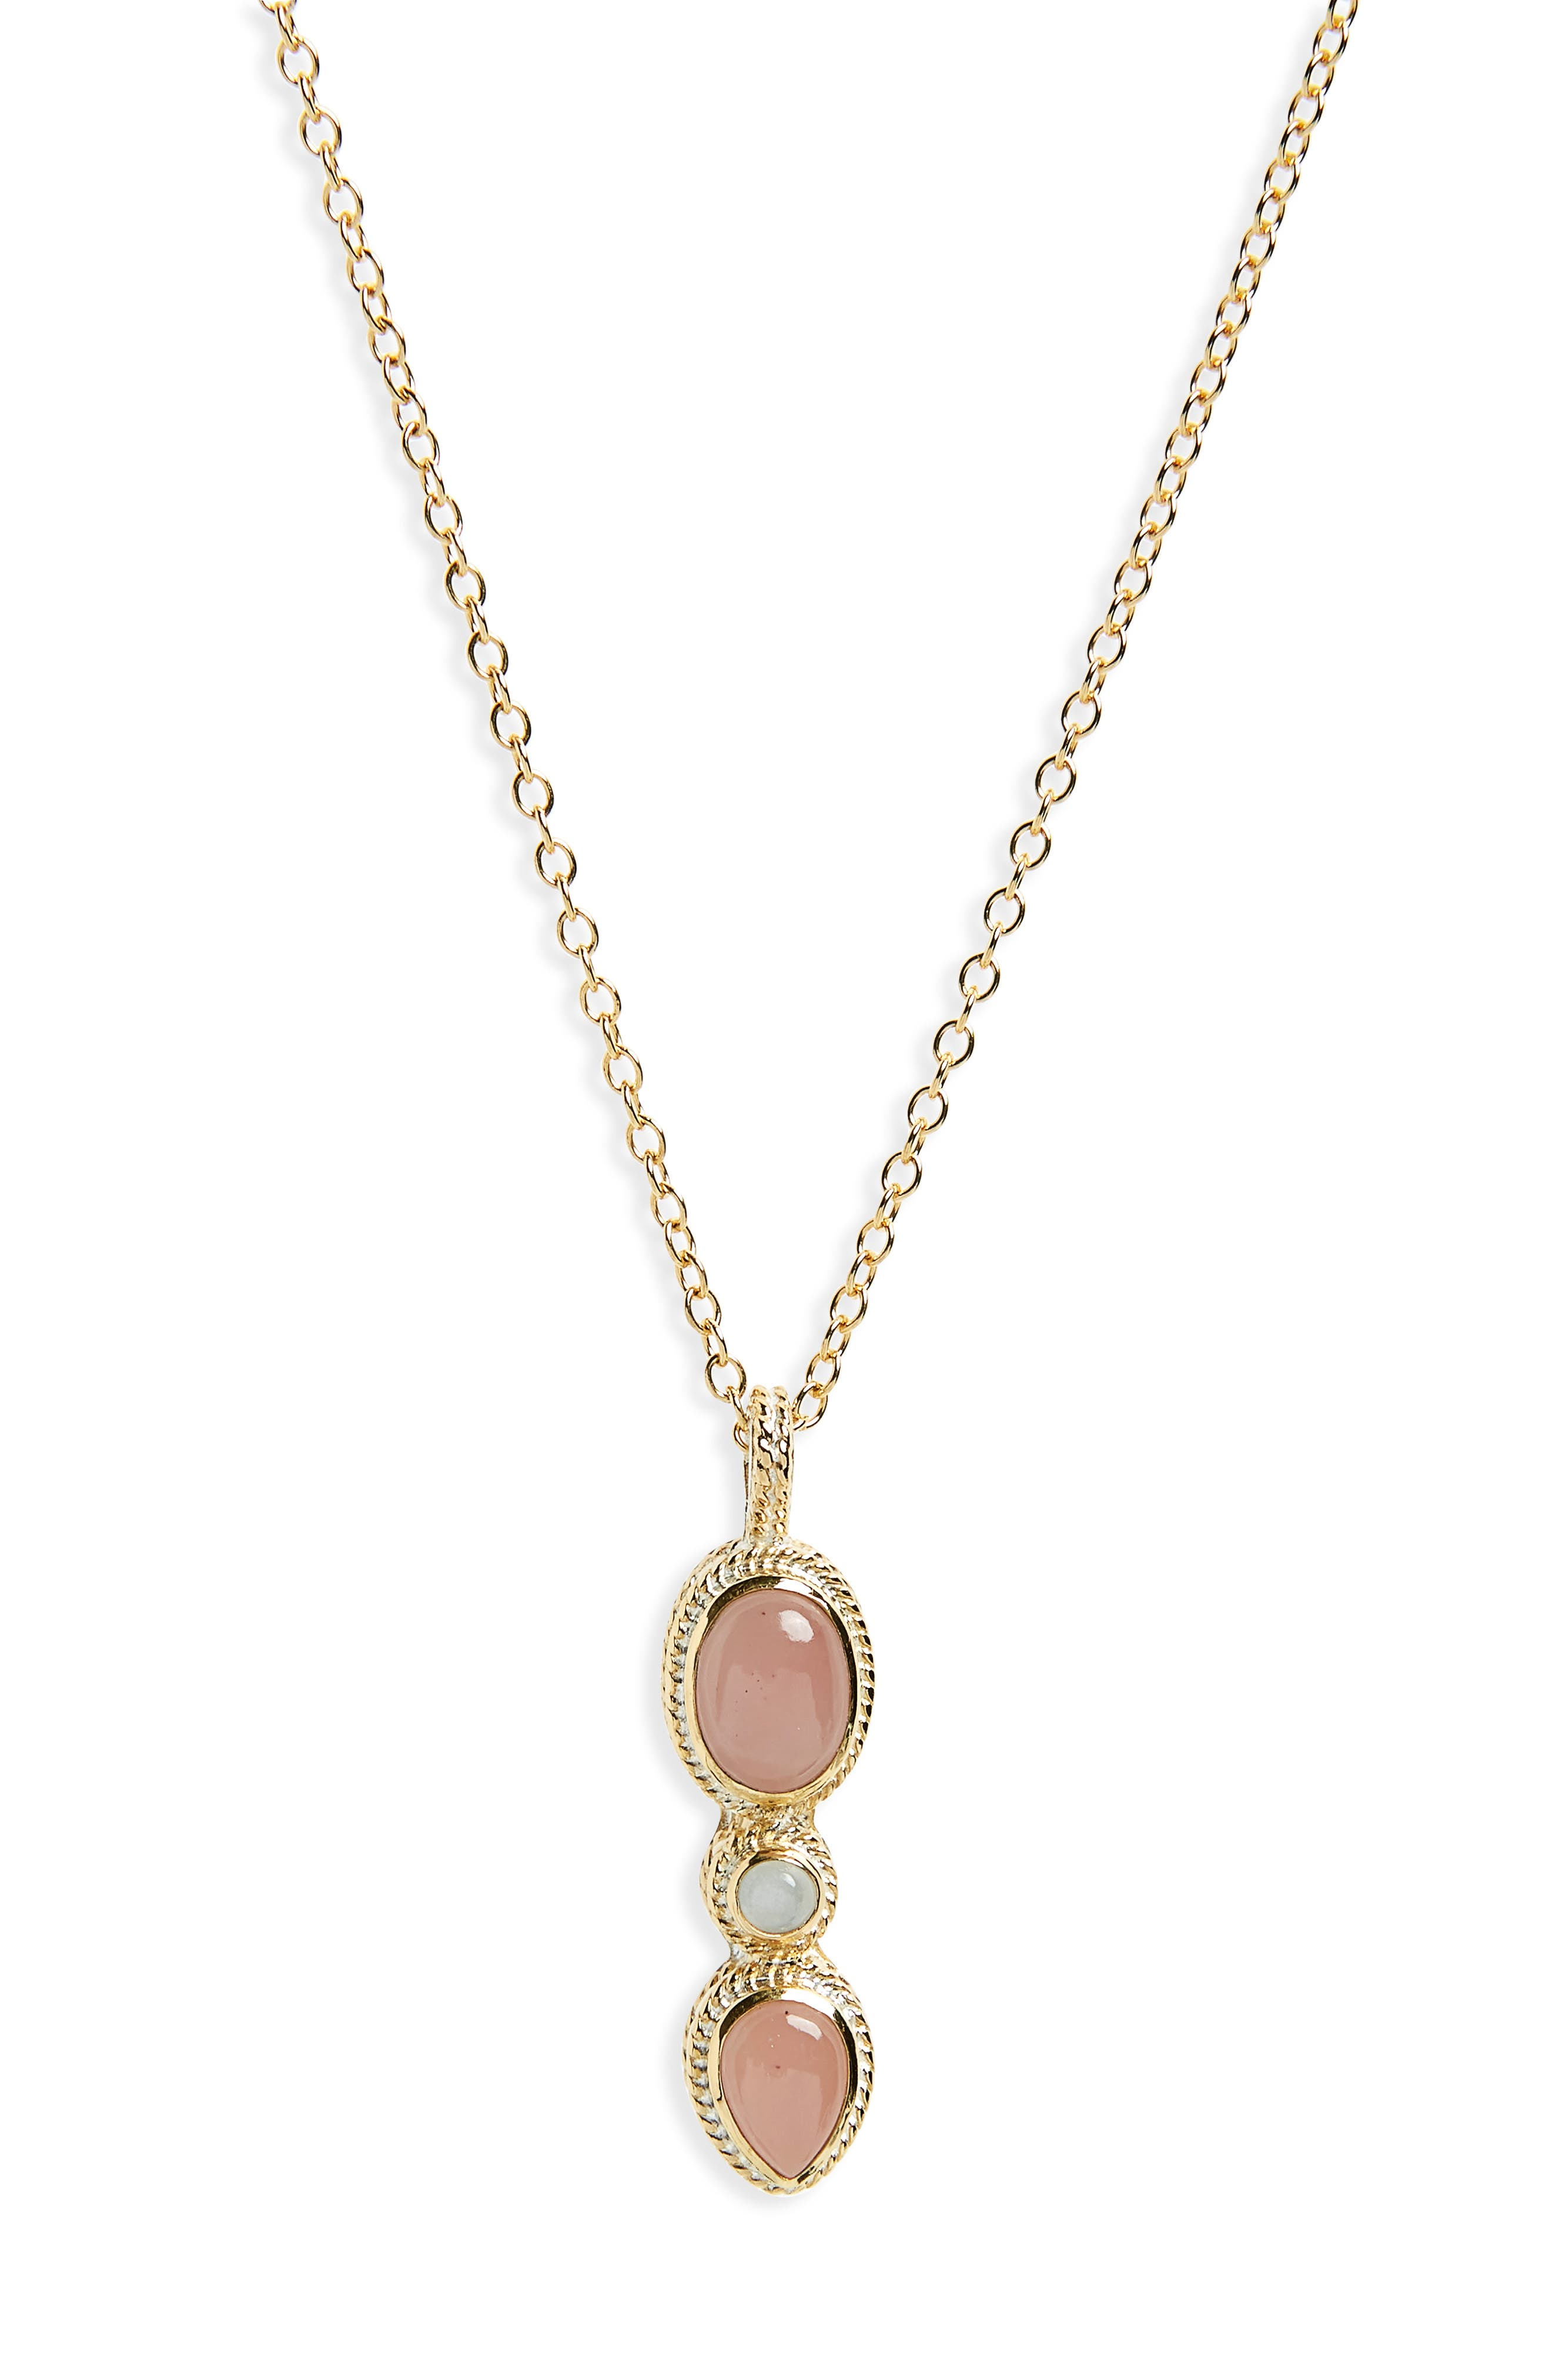 Guava Quartz Pendant Necklace,                         Main,                         color, Gold/ Guava Quartz/ Moonstone